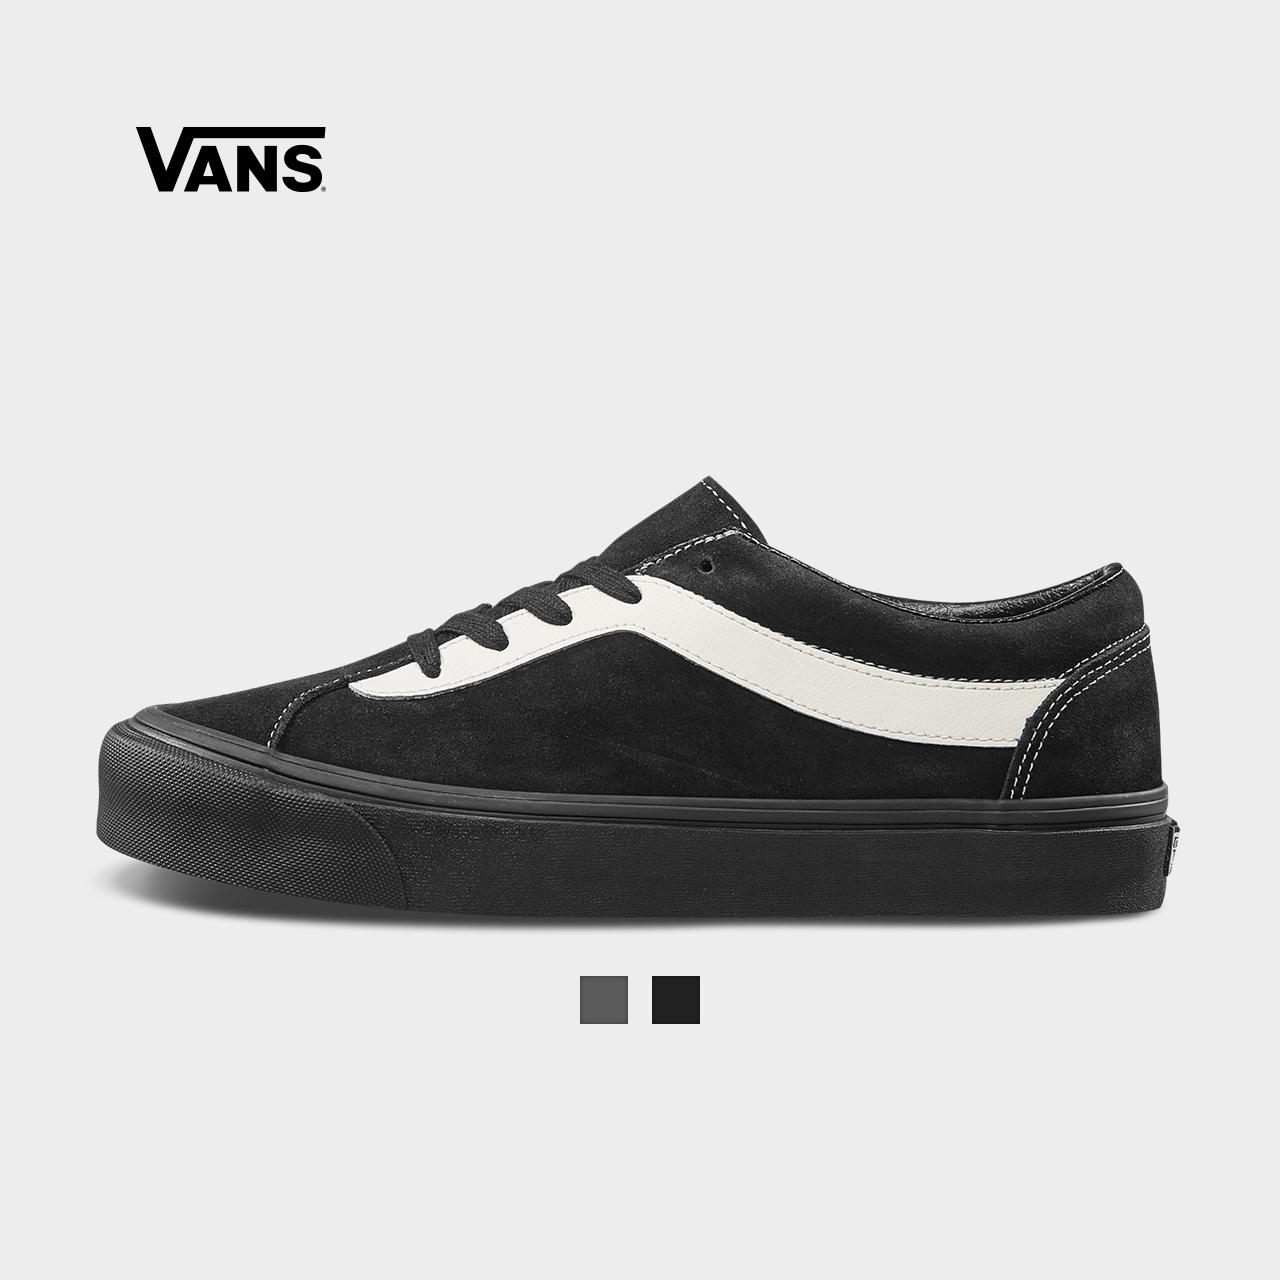 假一赔三Vans范斯 经典系列 板鞋运动鞋 Bold Ni低帮男女新款官方正品